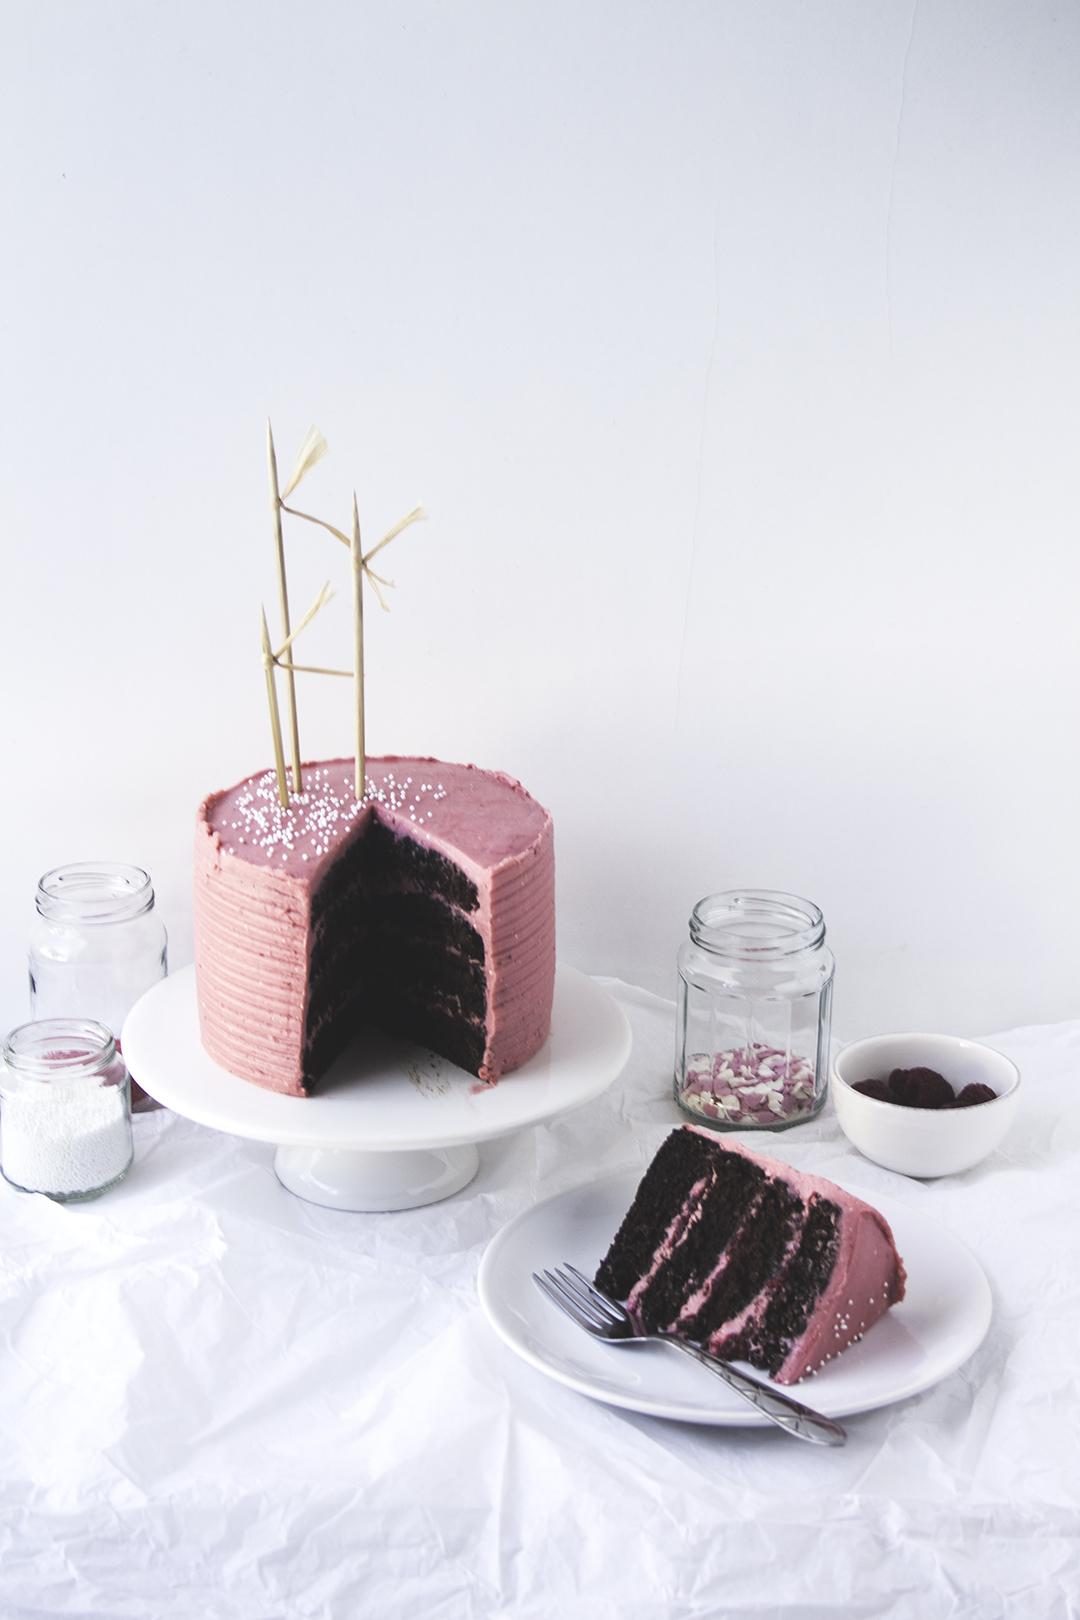 choco cake berries buttercream 4